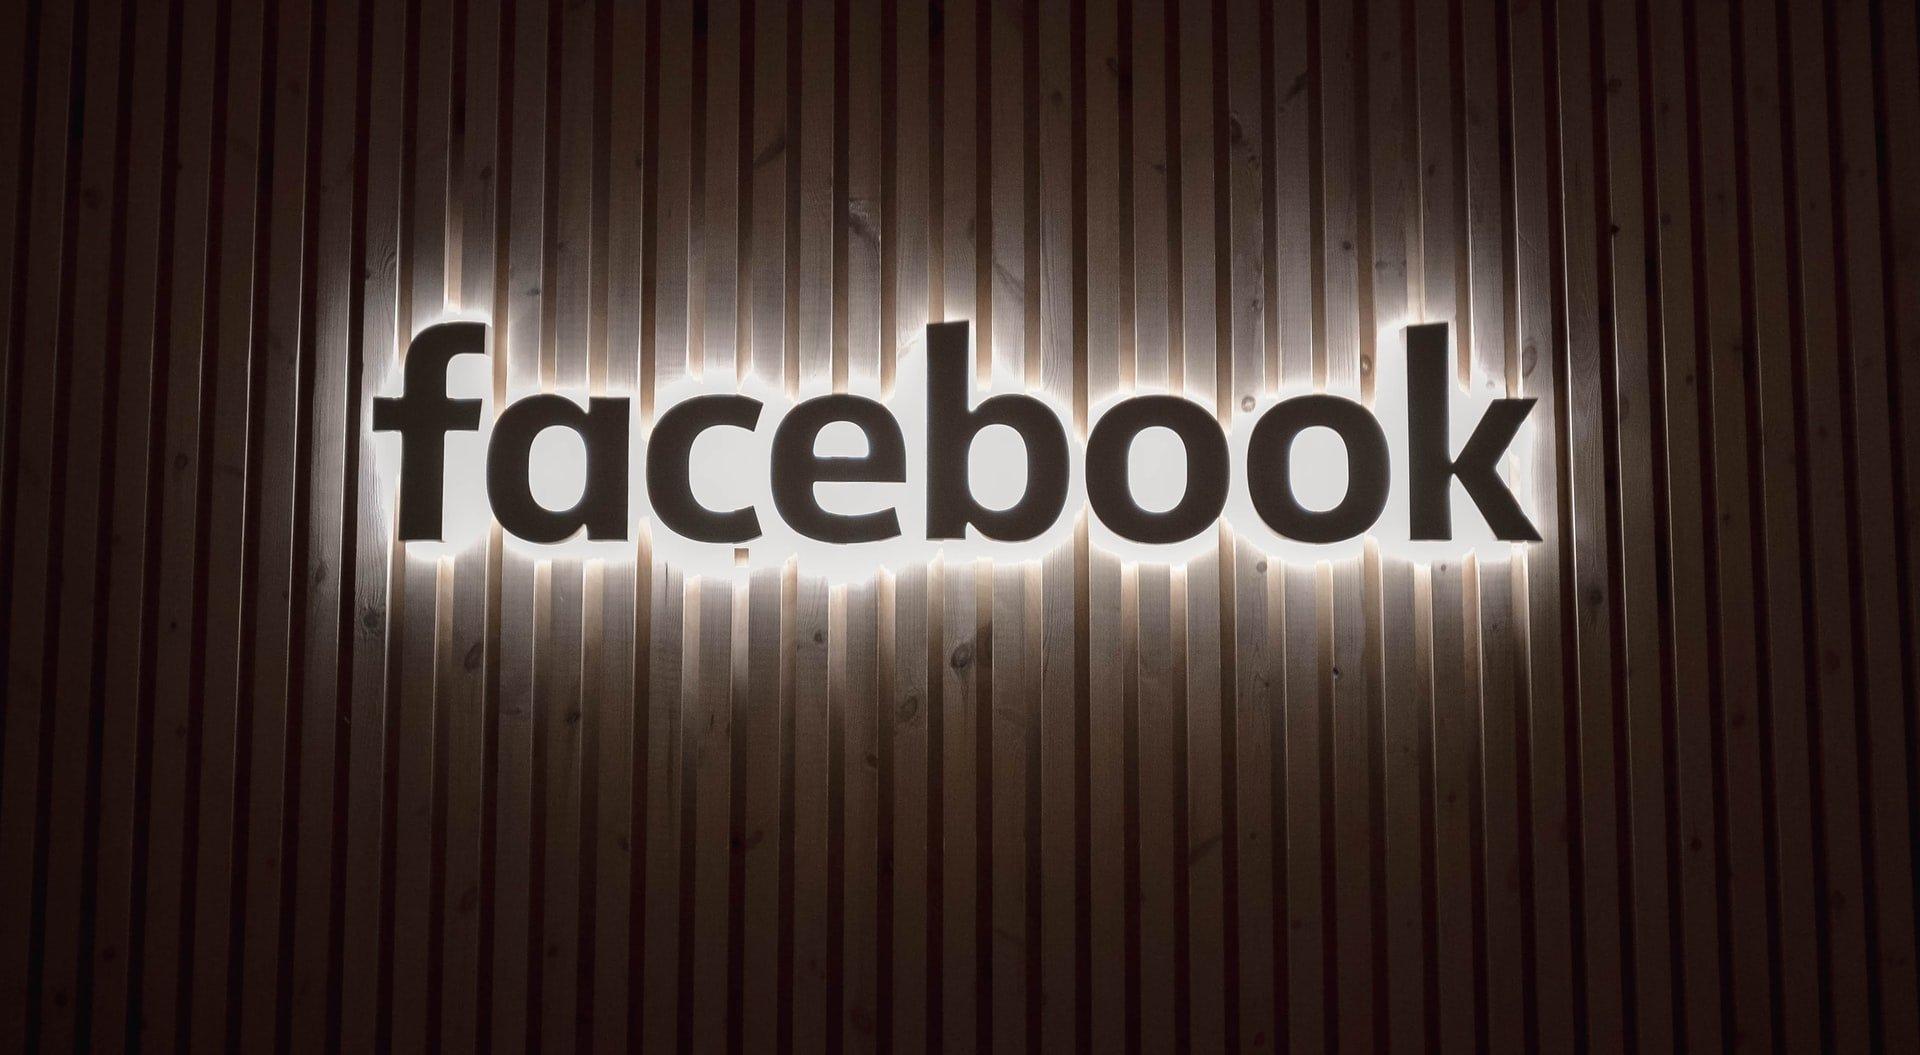 facebook-logo-light